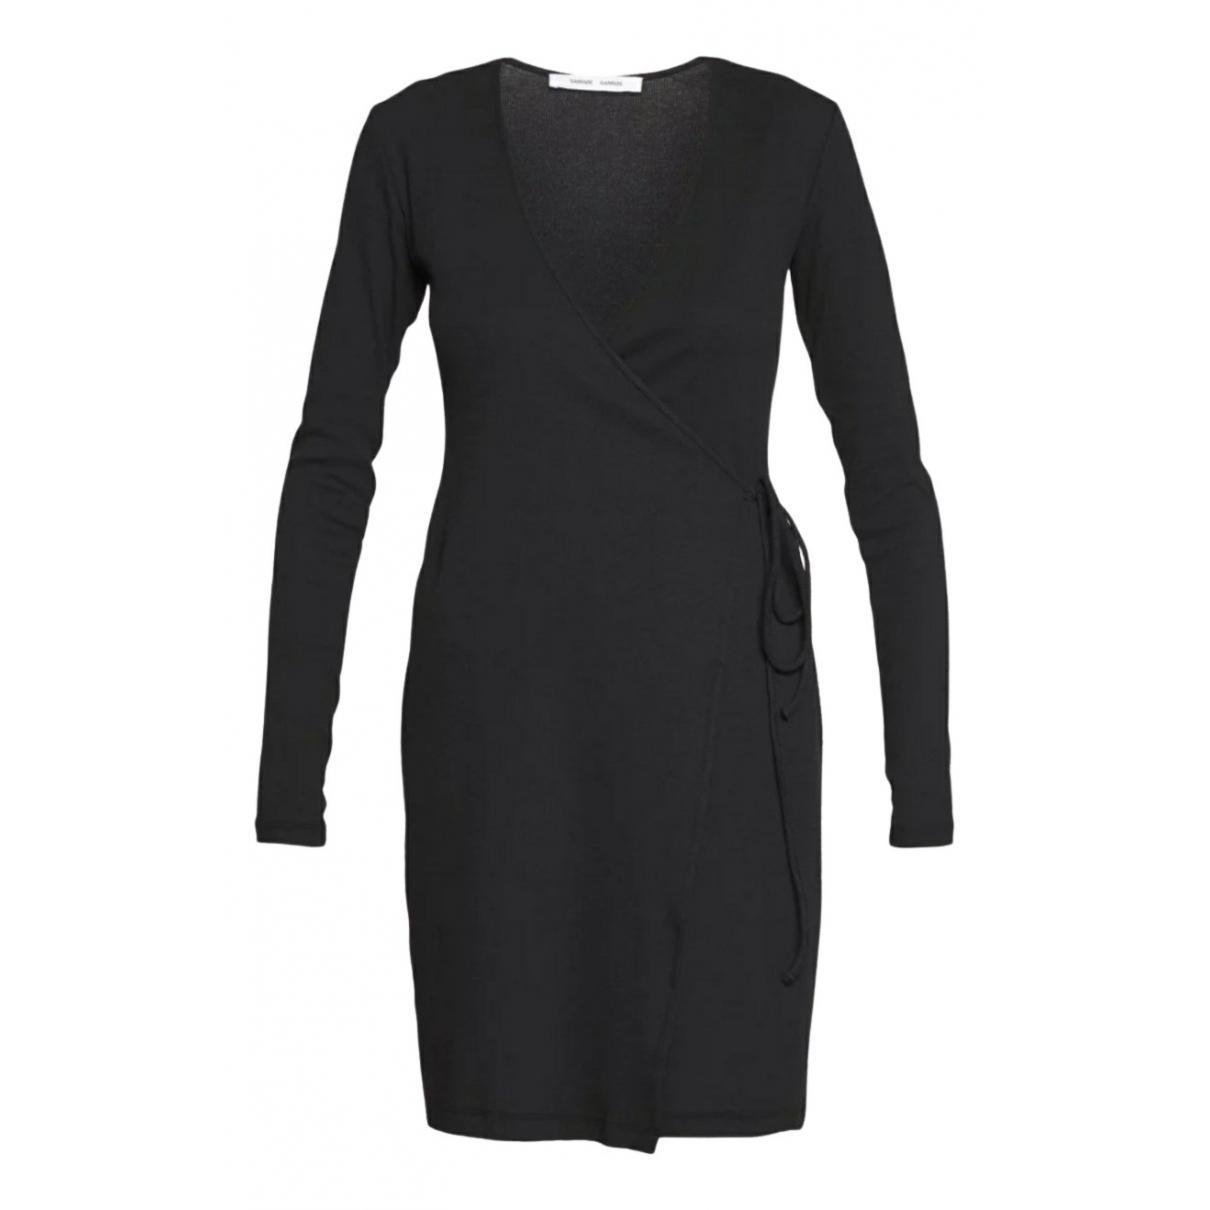 Samsoe & Samsoe \N Kleid in  Schwarz Baumwolle